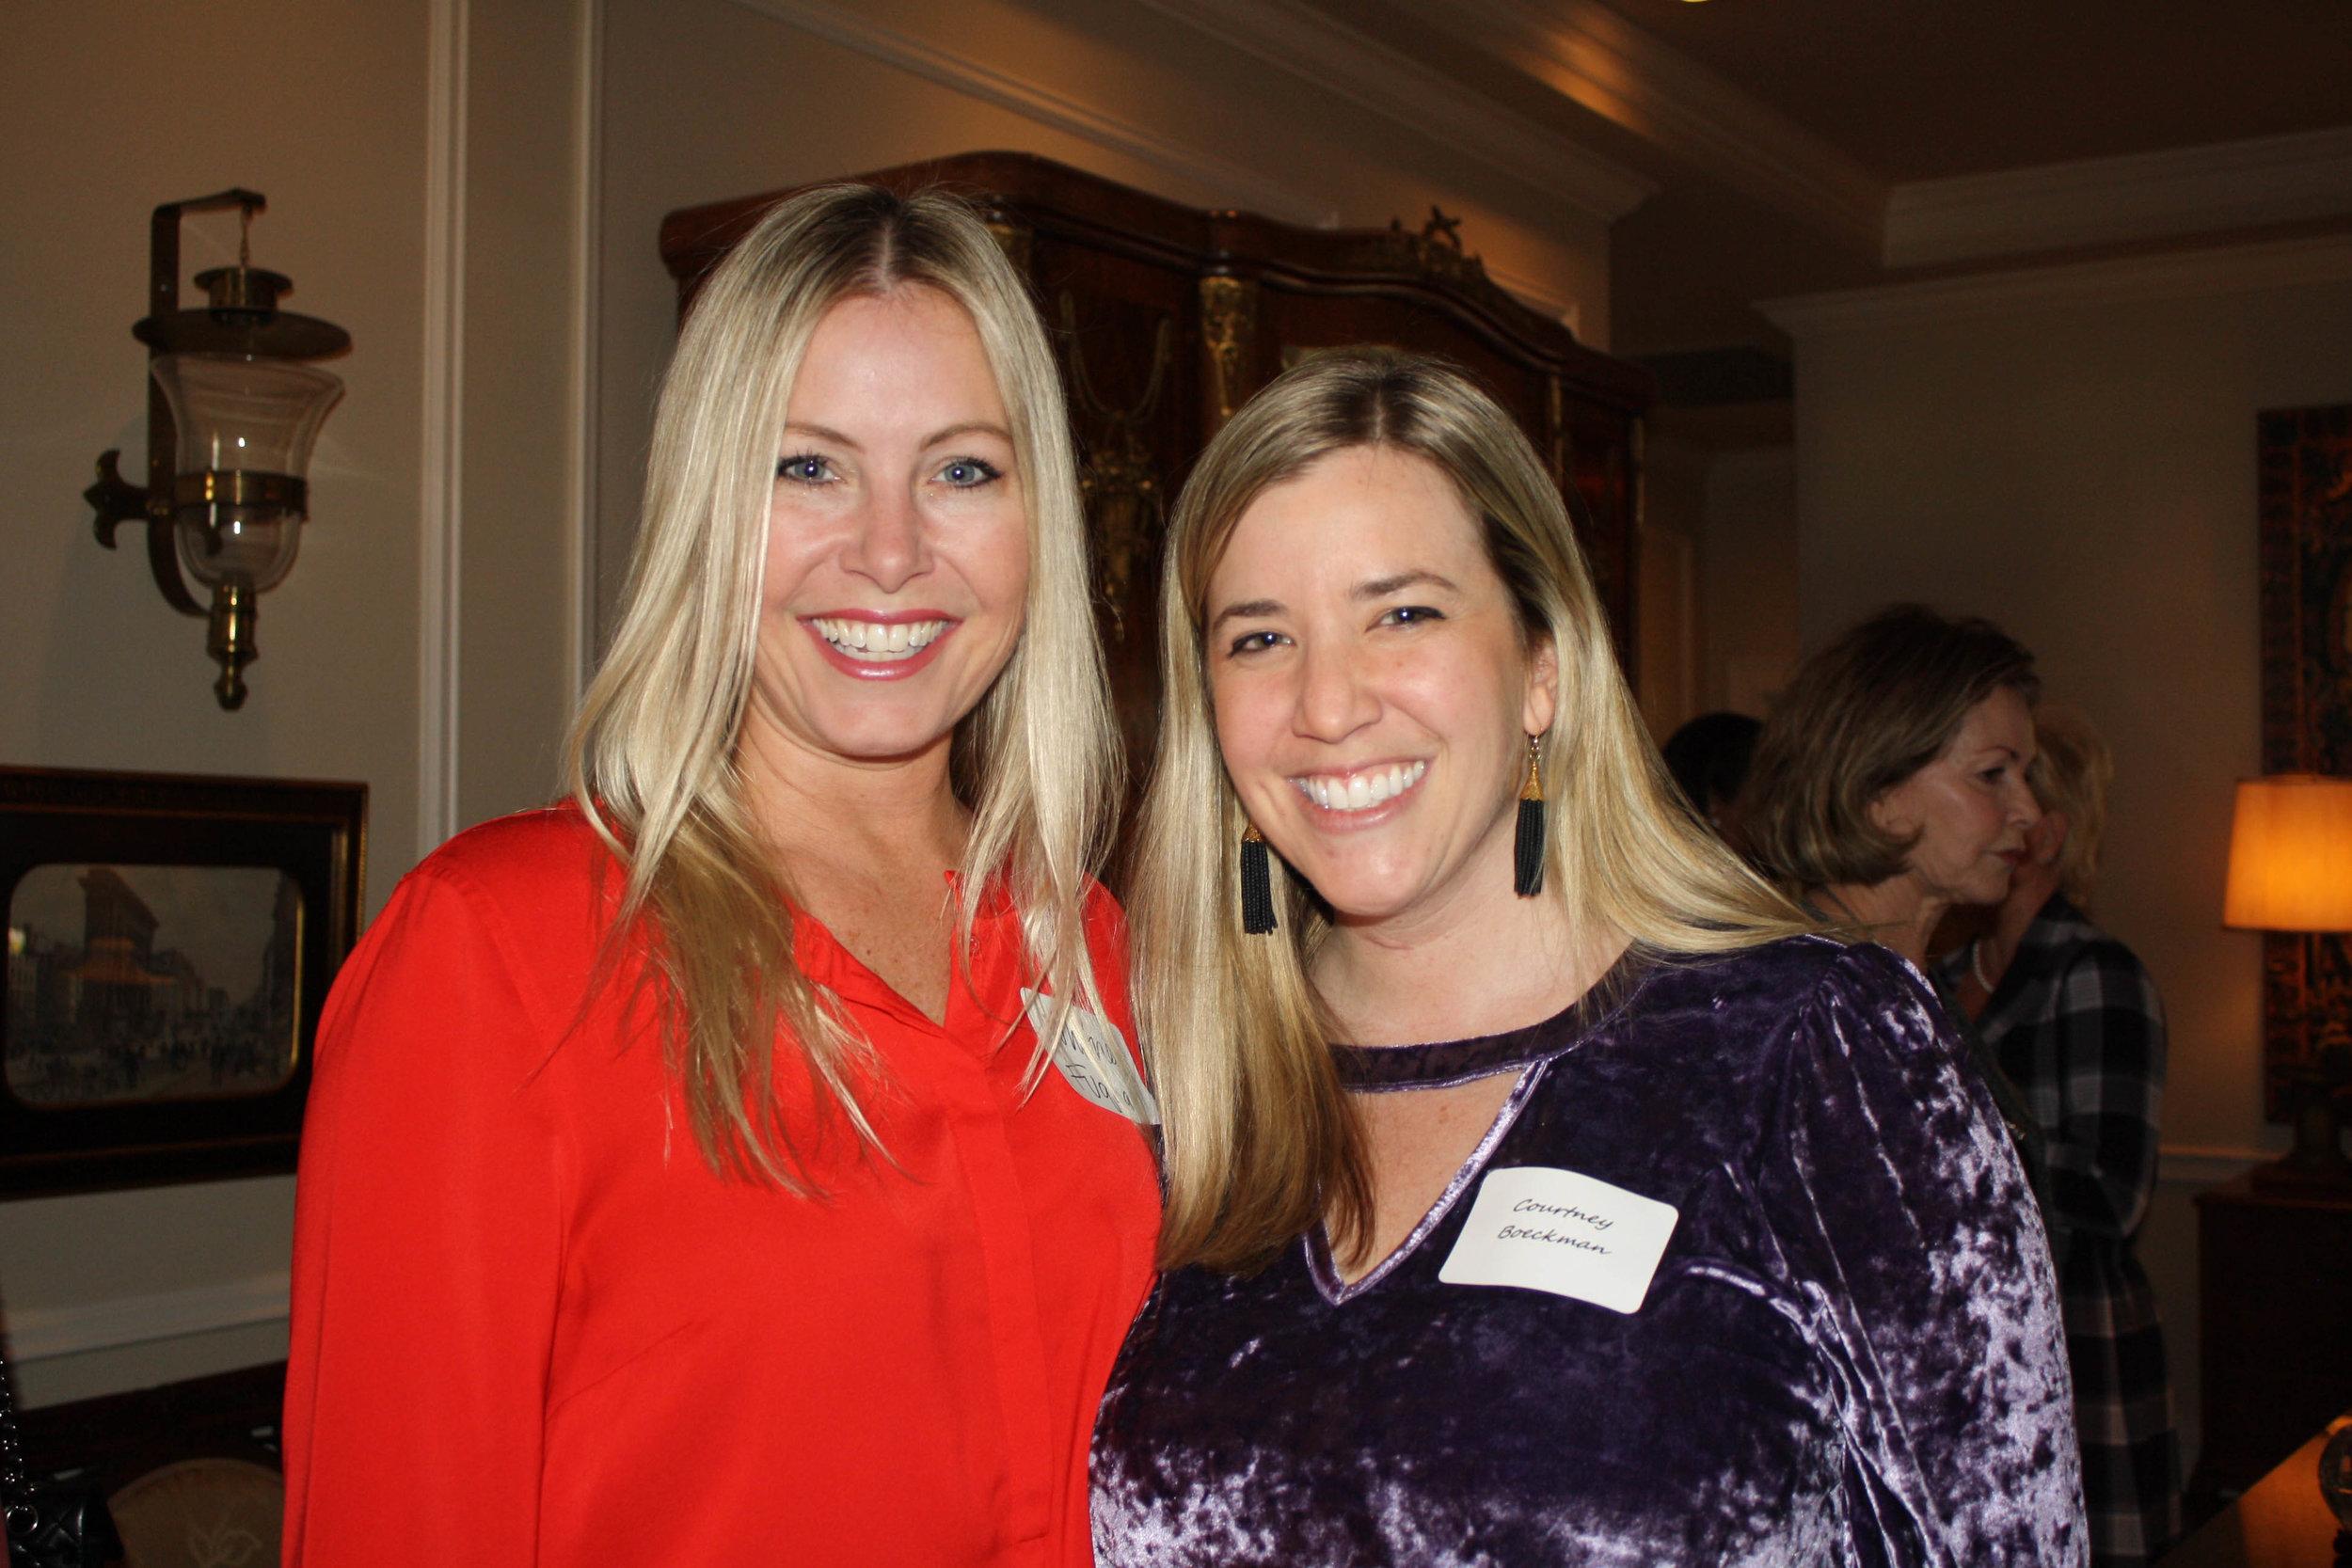 Whitney Fuqua and Courtney Boeckmann